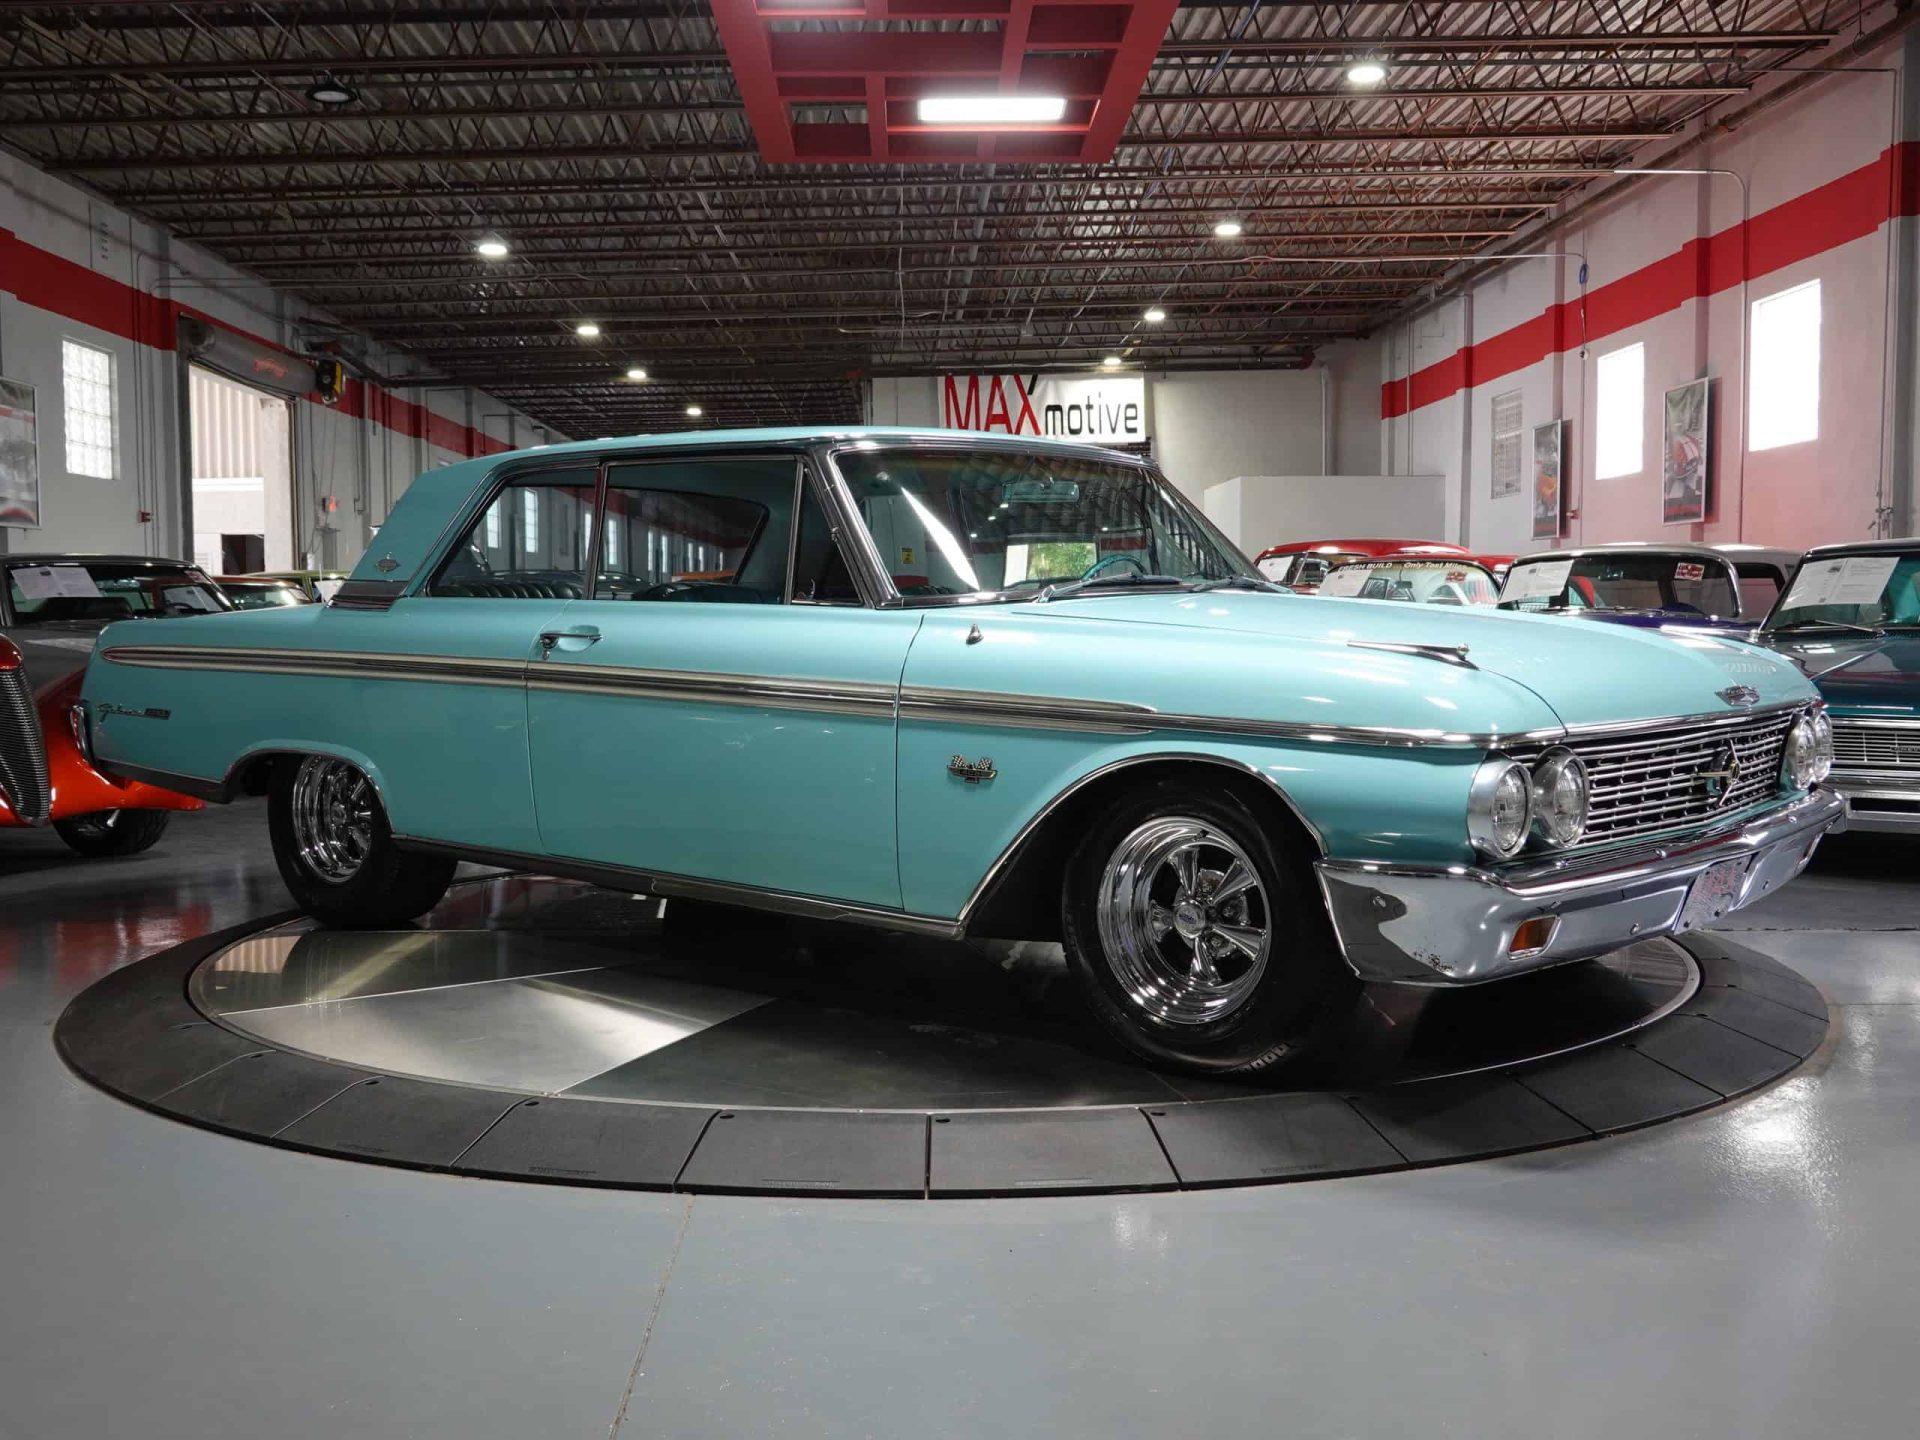 1962 Ford Galaxie 500 XL - F0744